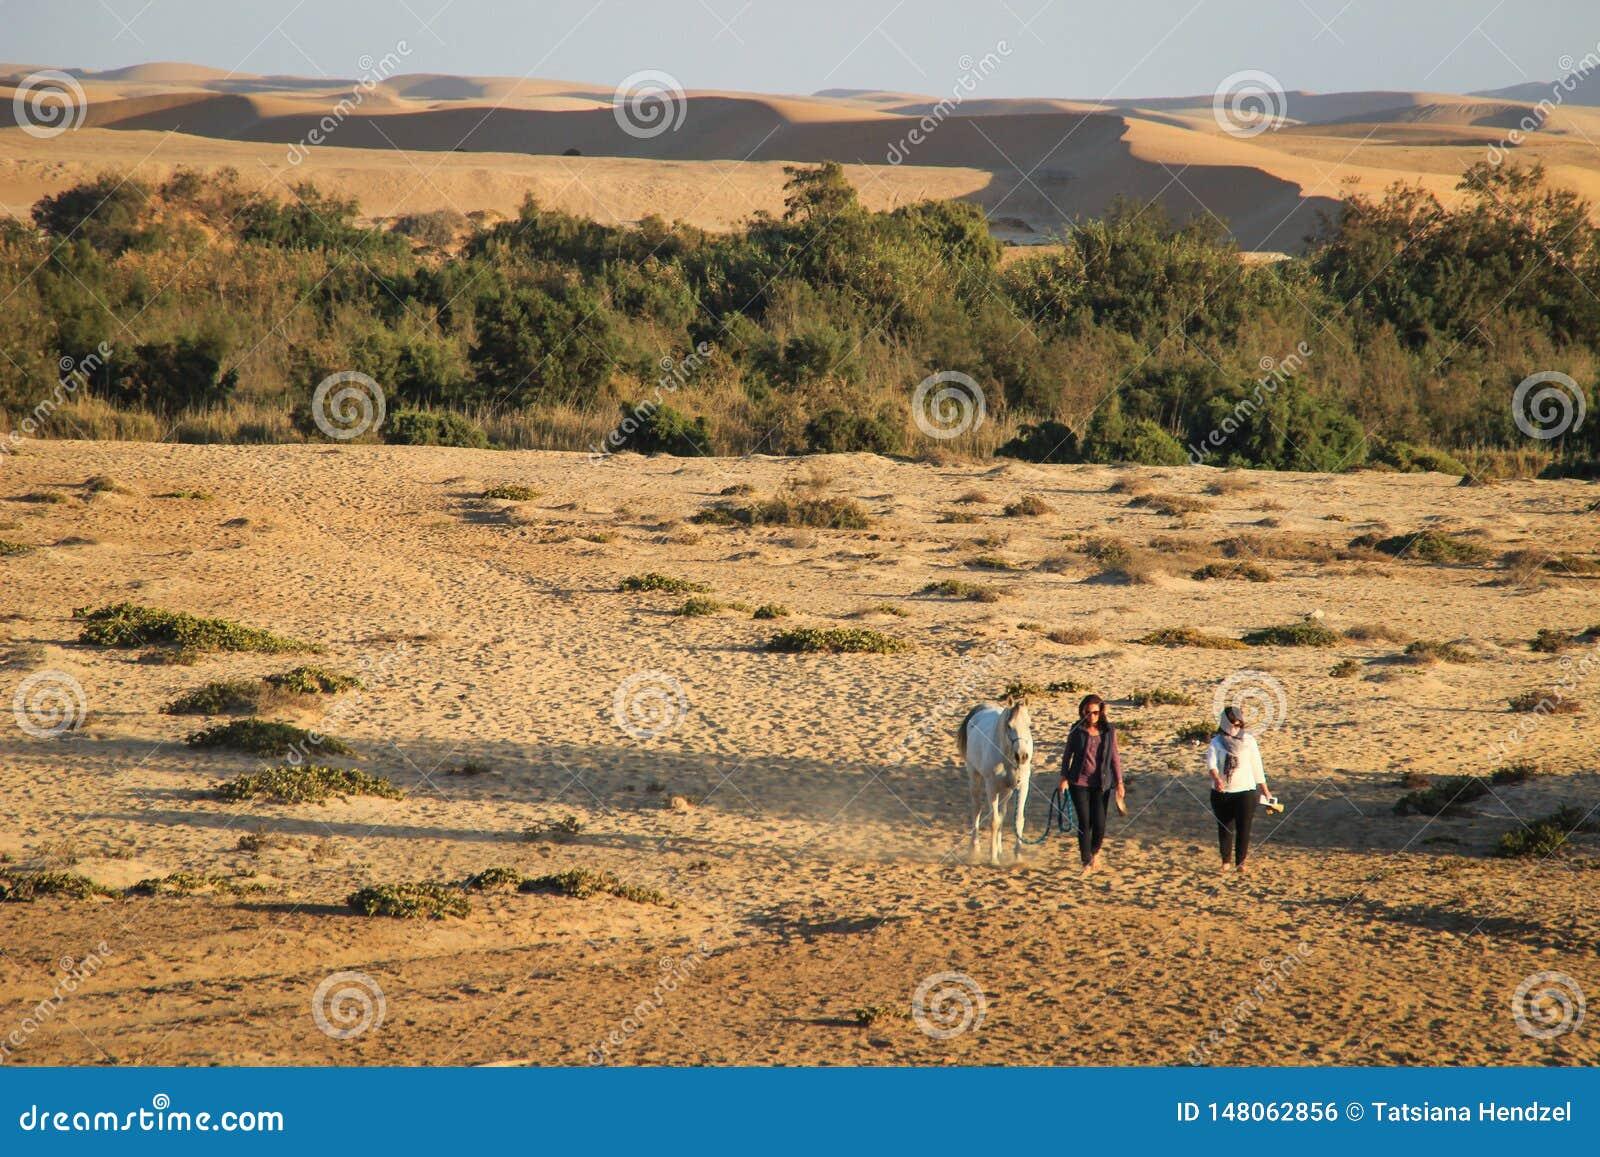 Les filles impliquées dans des sports équestres mènent un cheval sur une corde contre le contexte des dunes